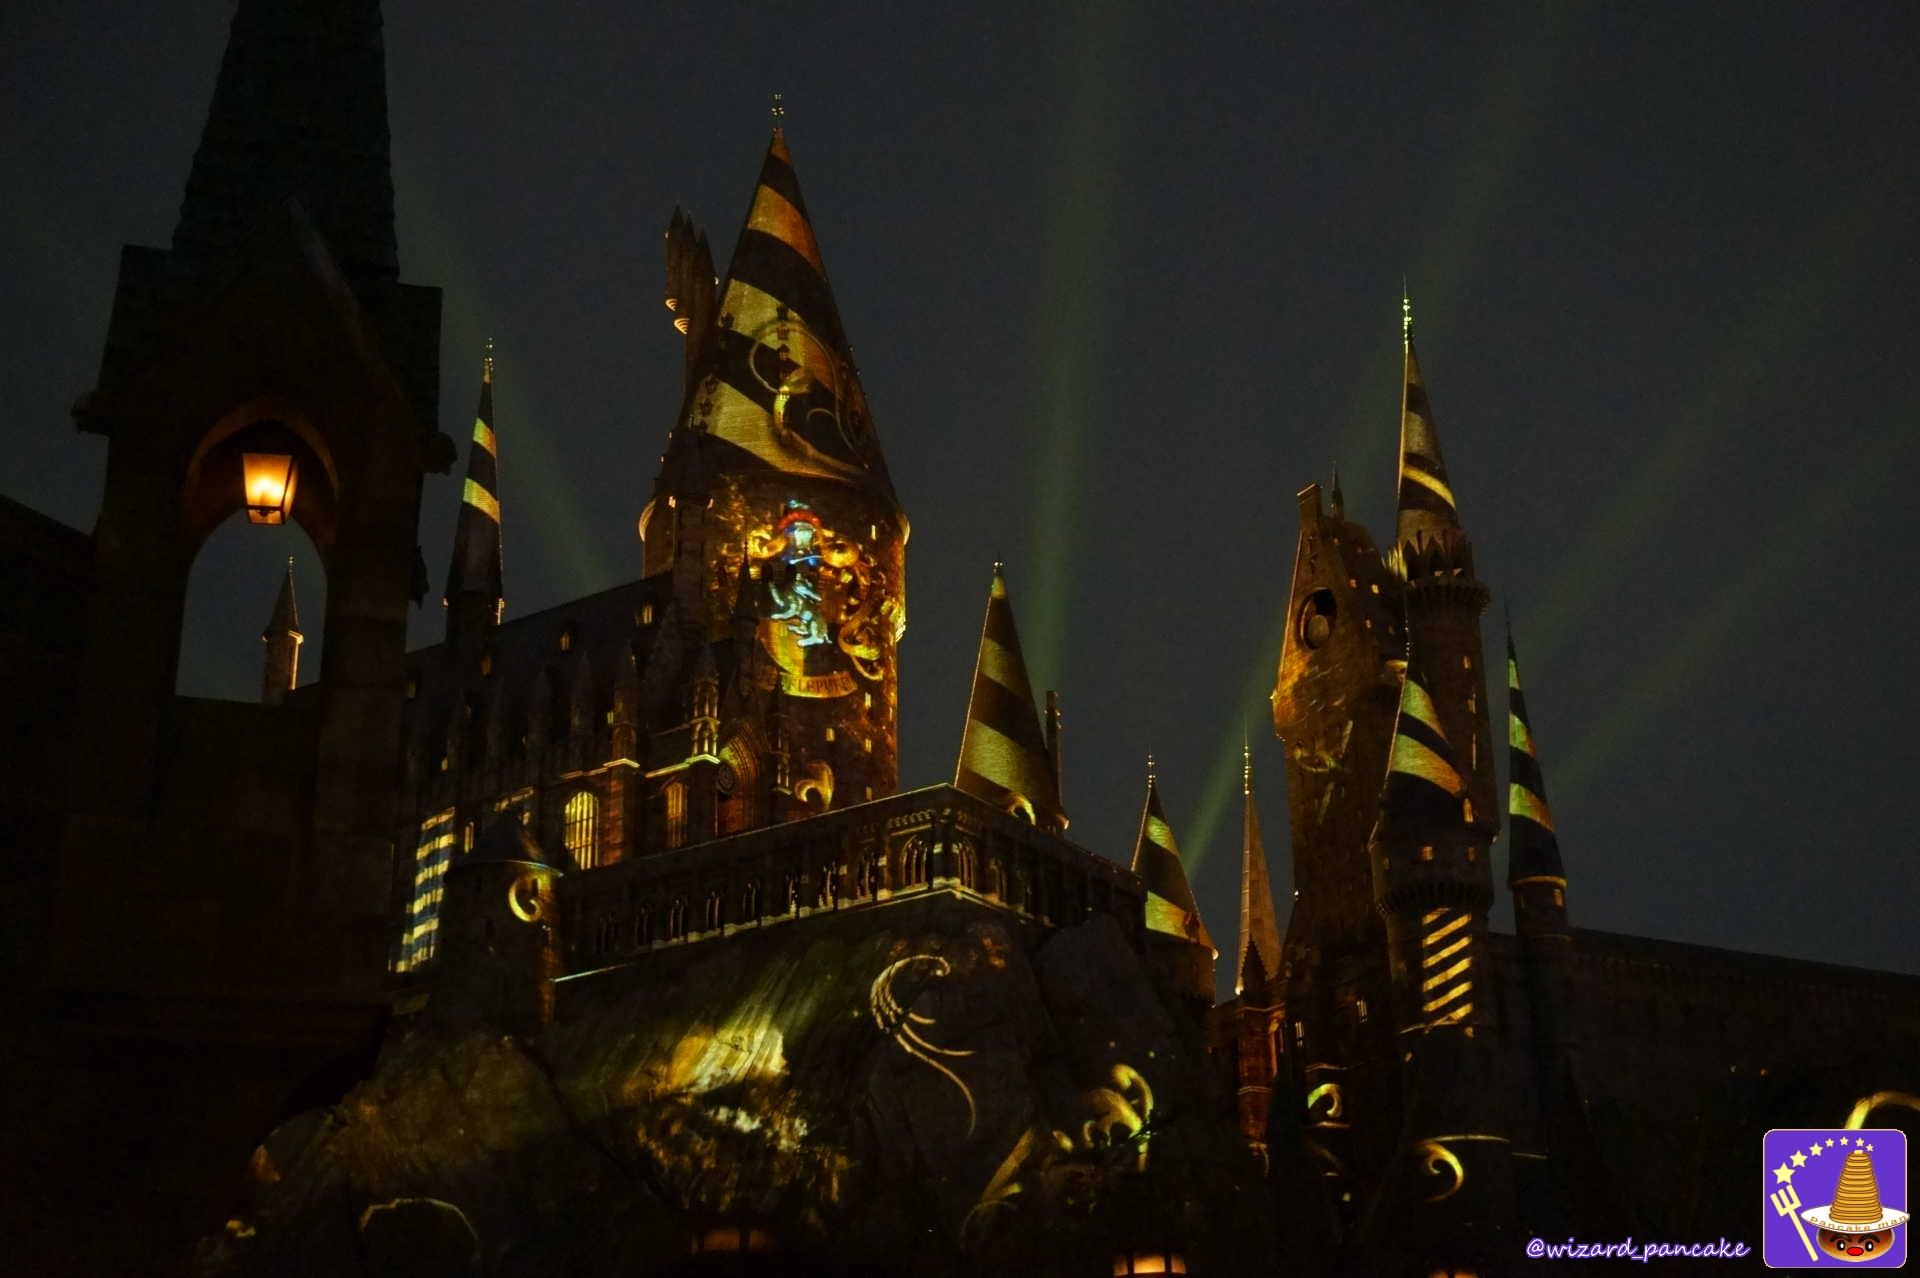 ハッフルパフ ハリポタエリア祝5周年 大魔法祭♪新ナイトショー『ホグワーツマジカルセレブレーション』新キャッスルショー2019/3/20~11/4